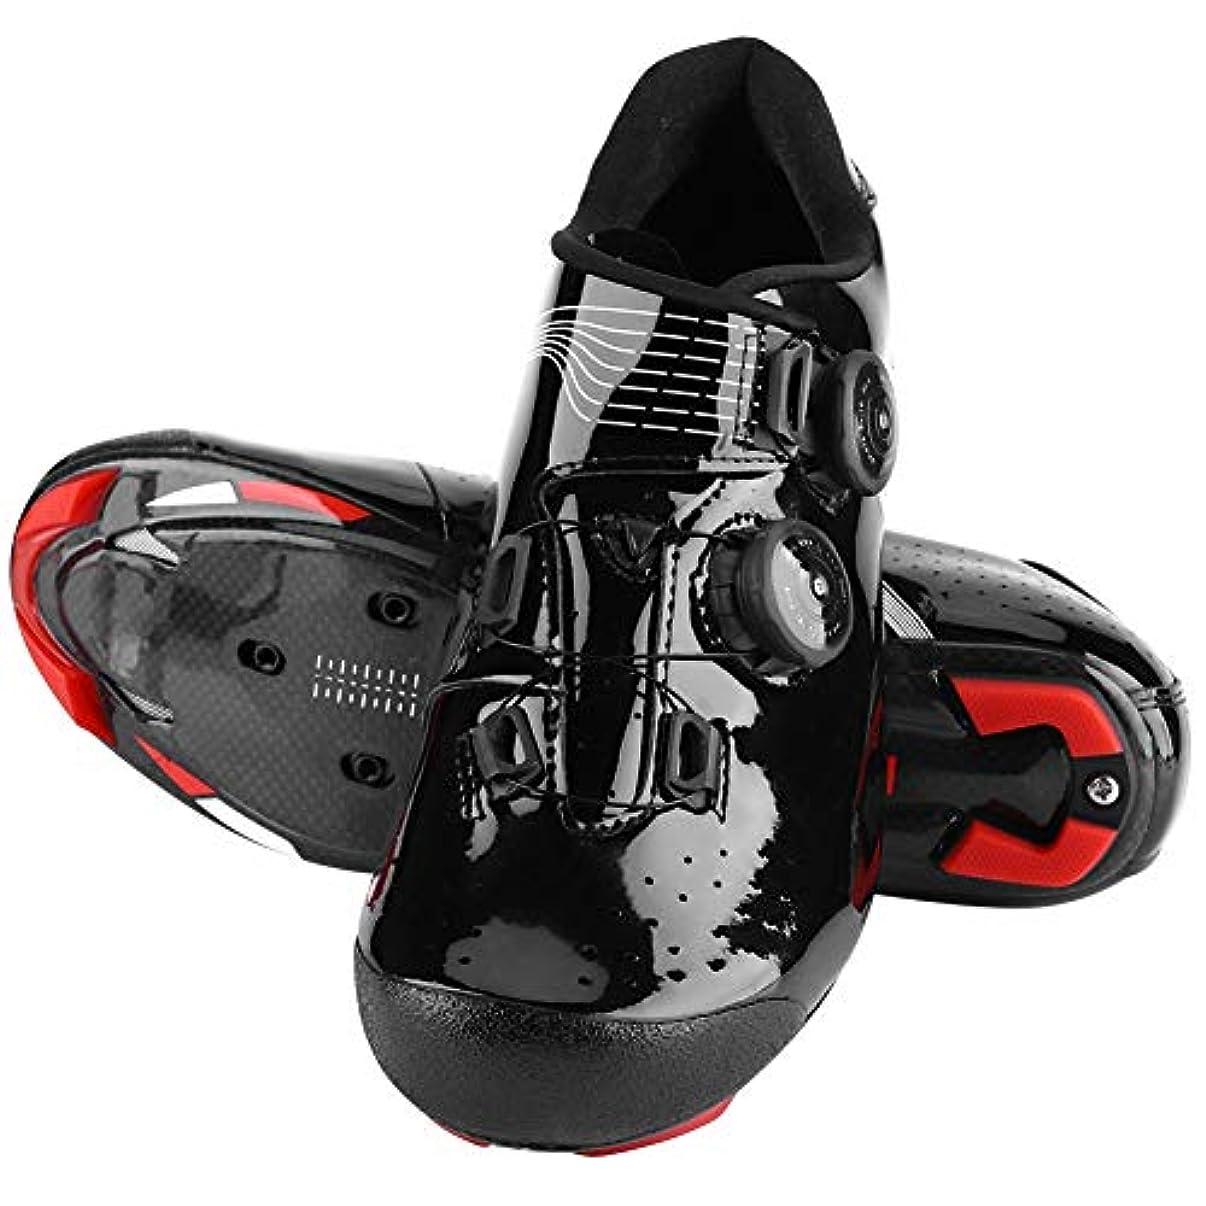 水没珍しい人事サイクリングシューズ バイクシューズ 自転車シューズマウンテン 耐衝撃保護 着心地の良さ 通気性 反射性ストラップ付き 調整簡単 素晴らしいアクセサリー